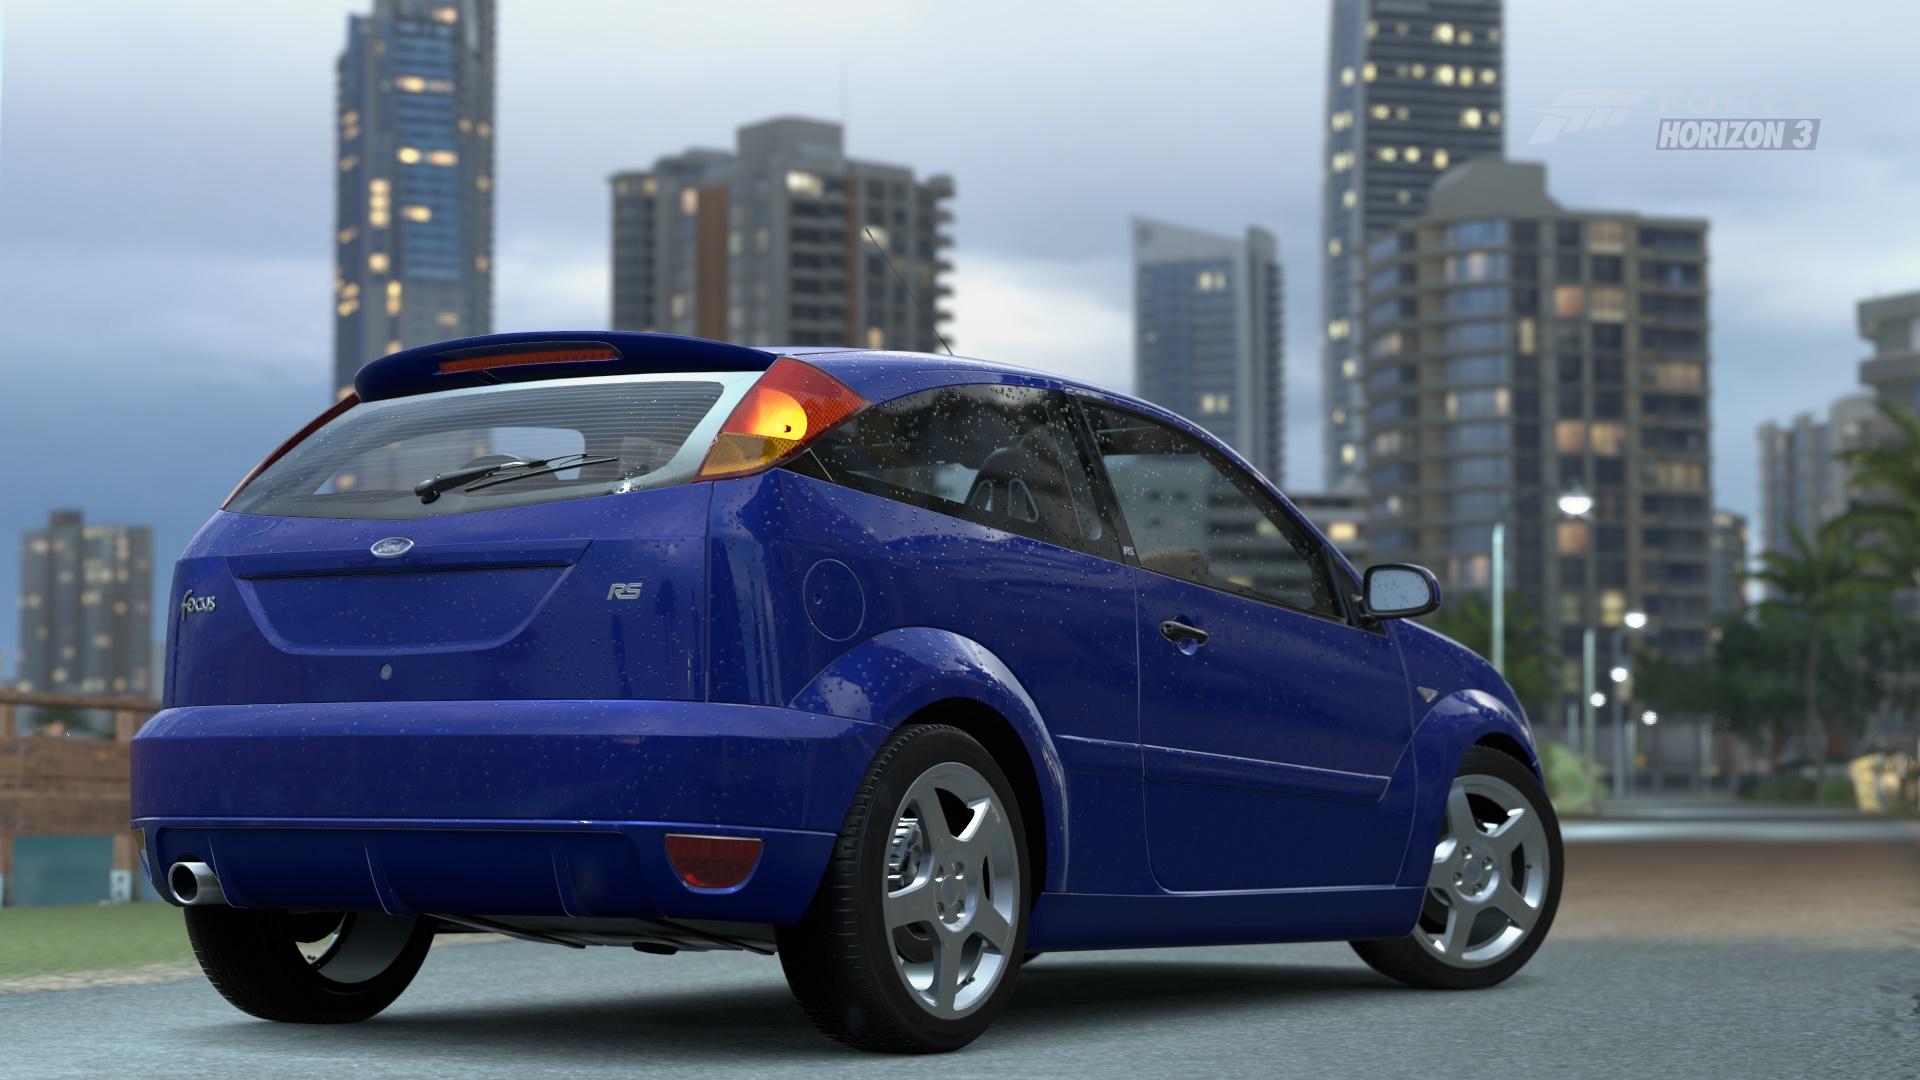 Ford Focus RS I 2002 - 2003 Hatchback 3 door #5